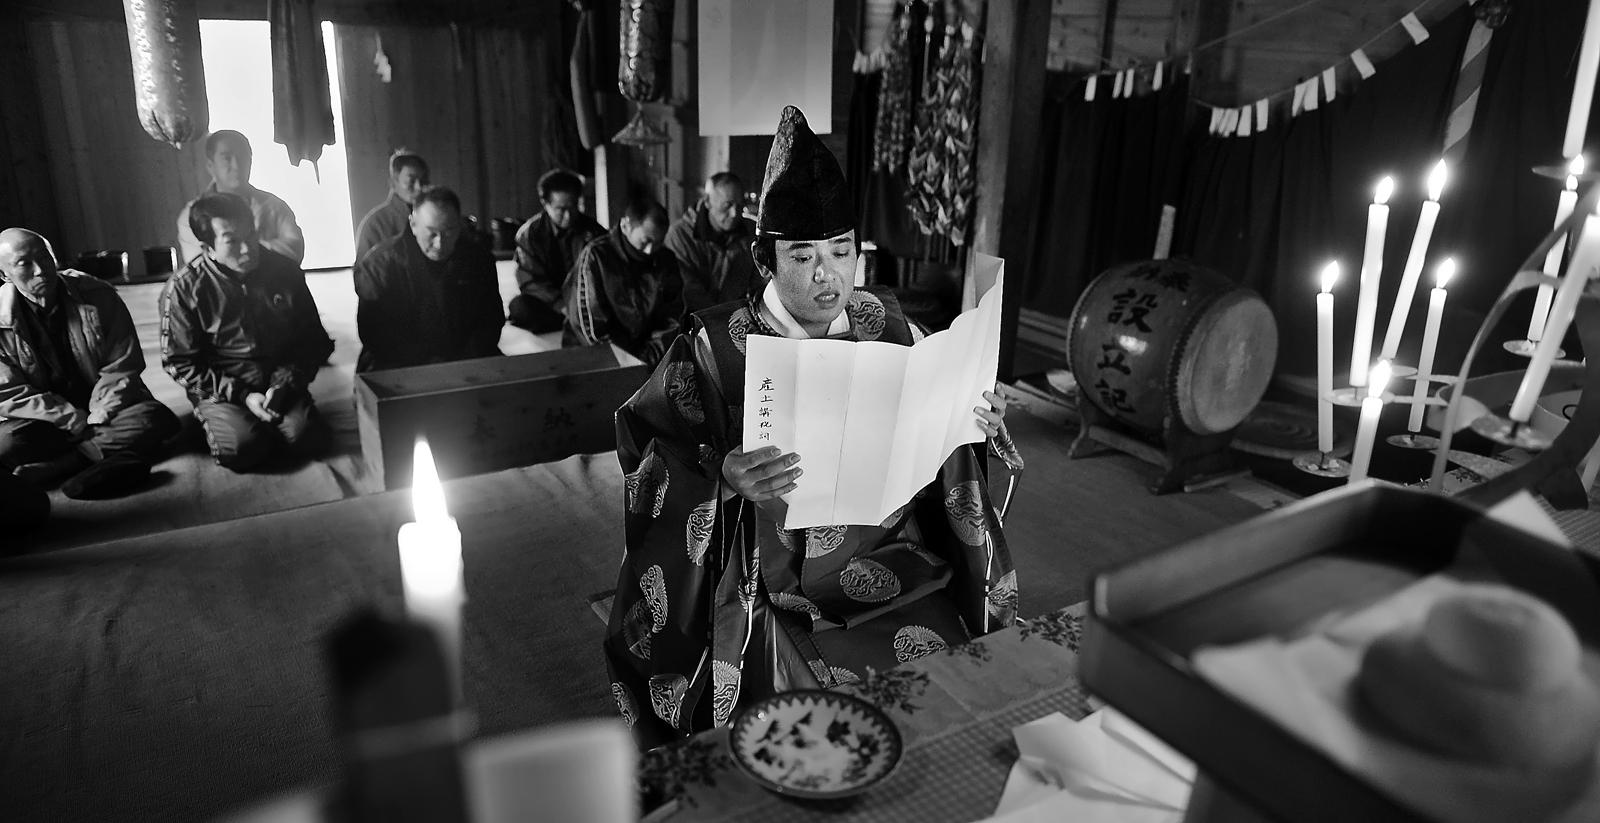 産土講の祝詞を唱える神主さん